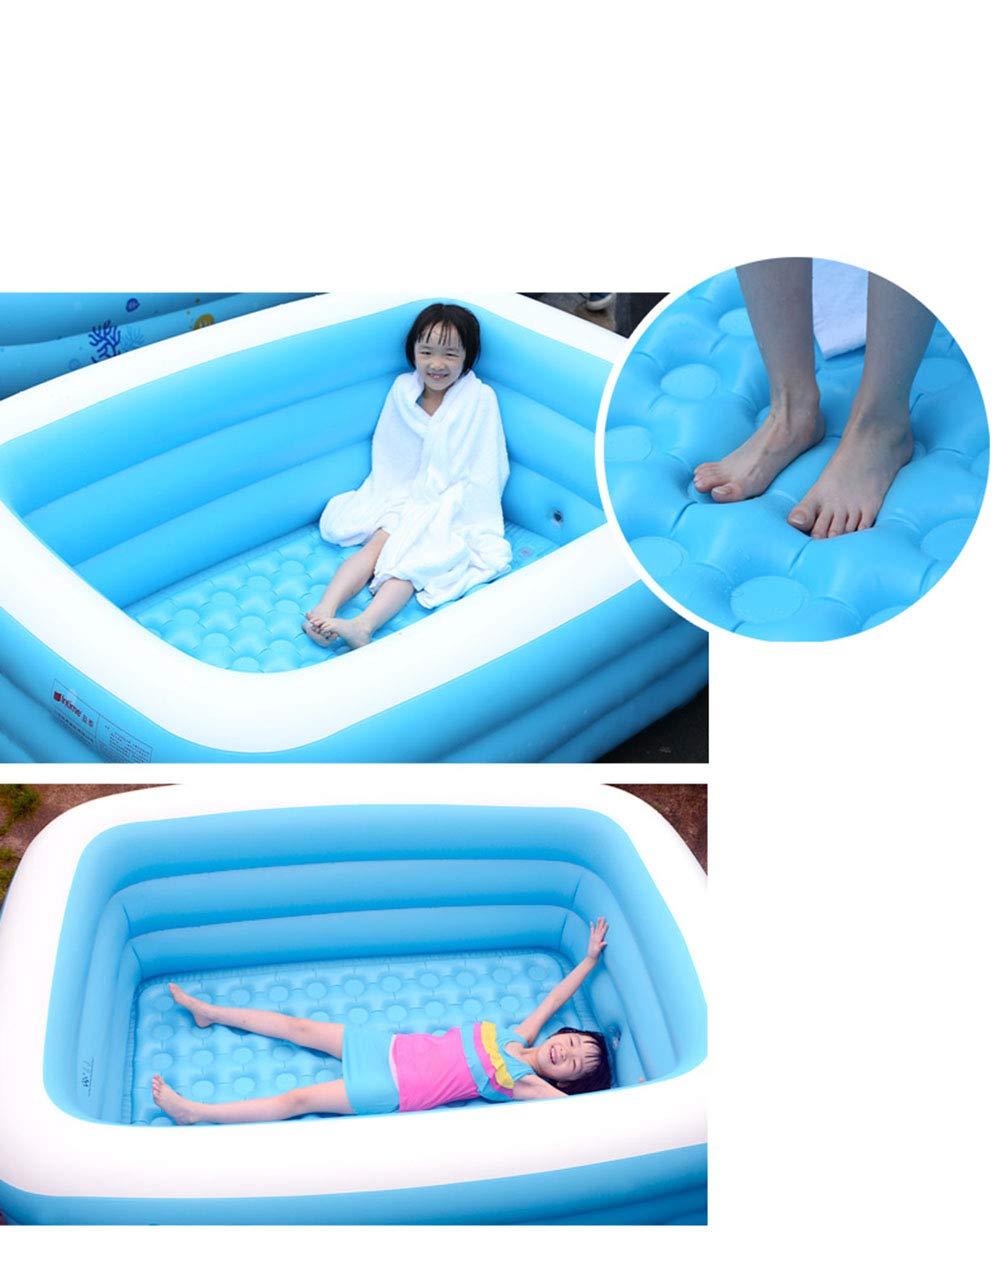 YUHAO(de) Inflatierbarer Kinderpool - Familie Und Kinder Inflatierbarer Rechteckiger Pool(1.5m)  1.3m